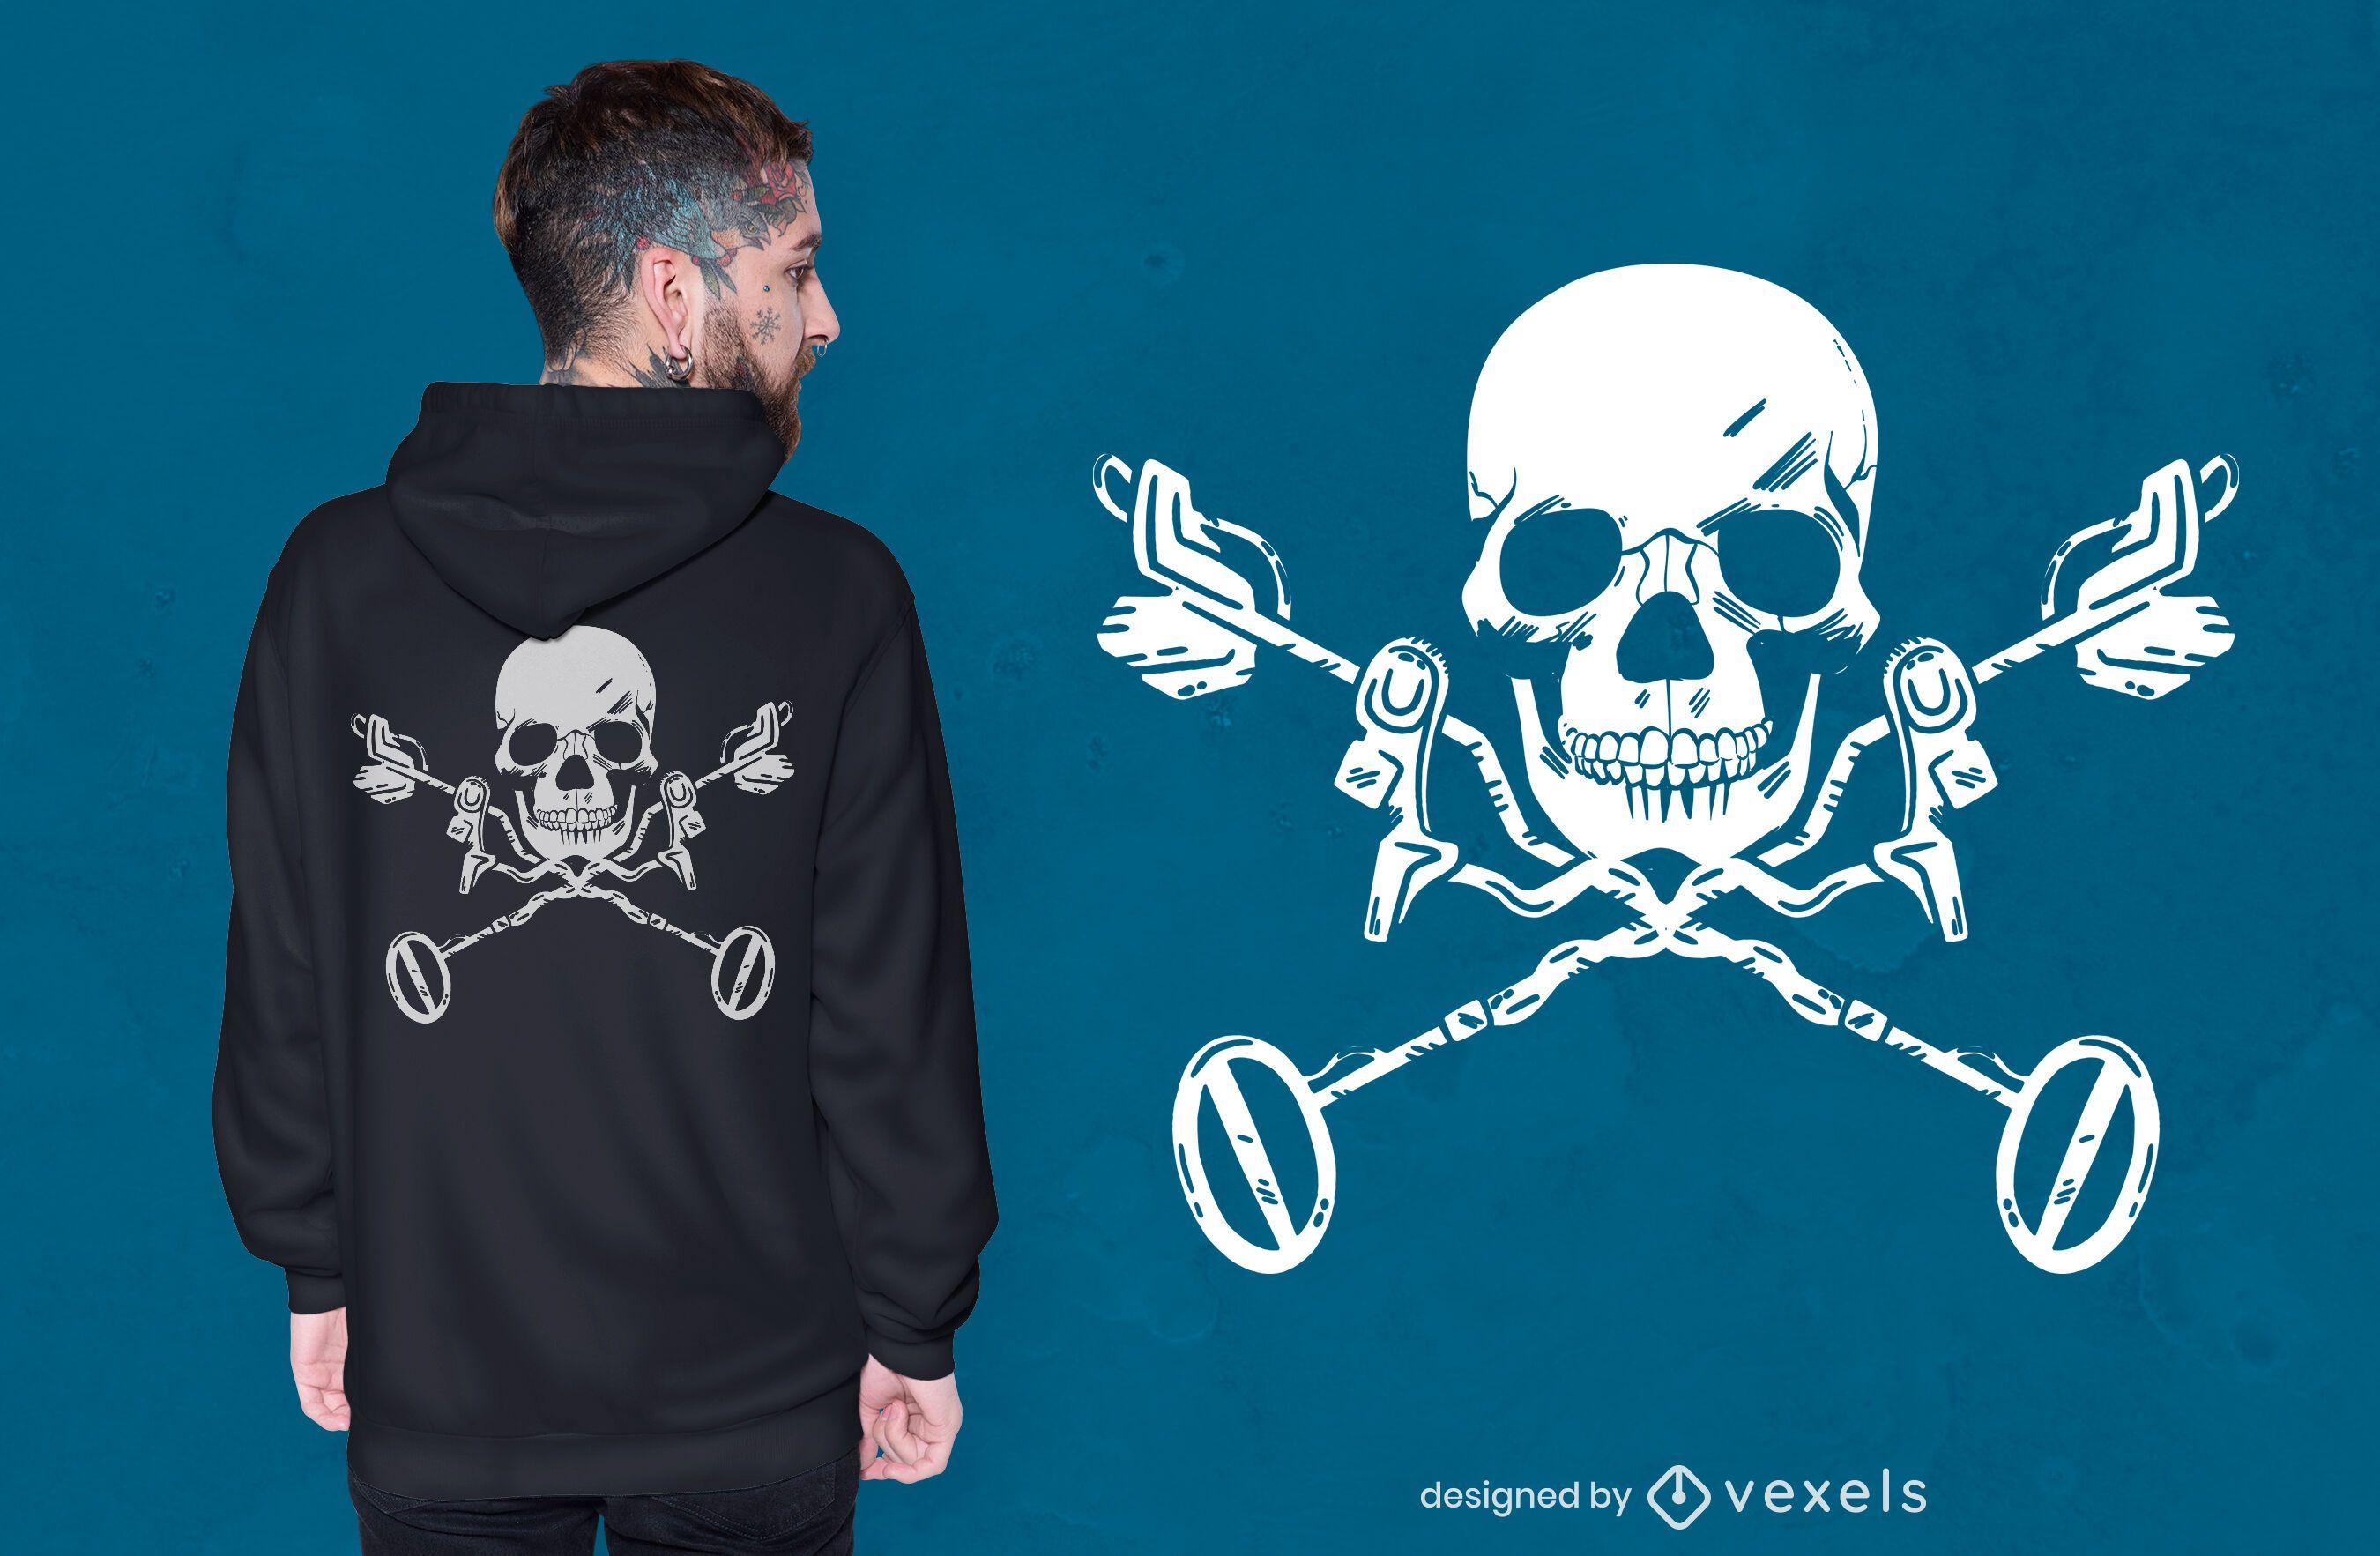 Metal detector skull t-shirt design